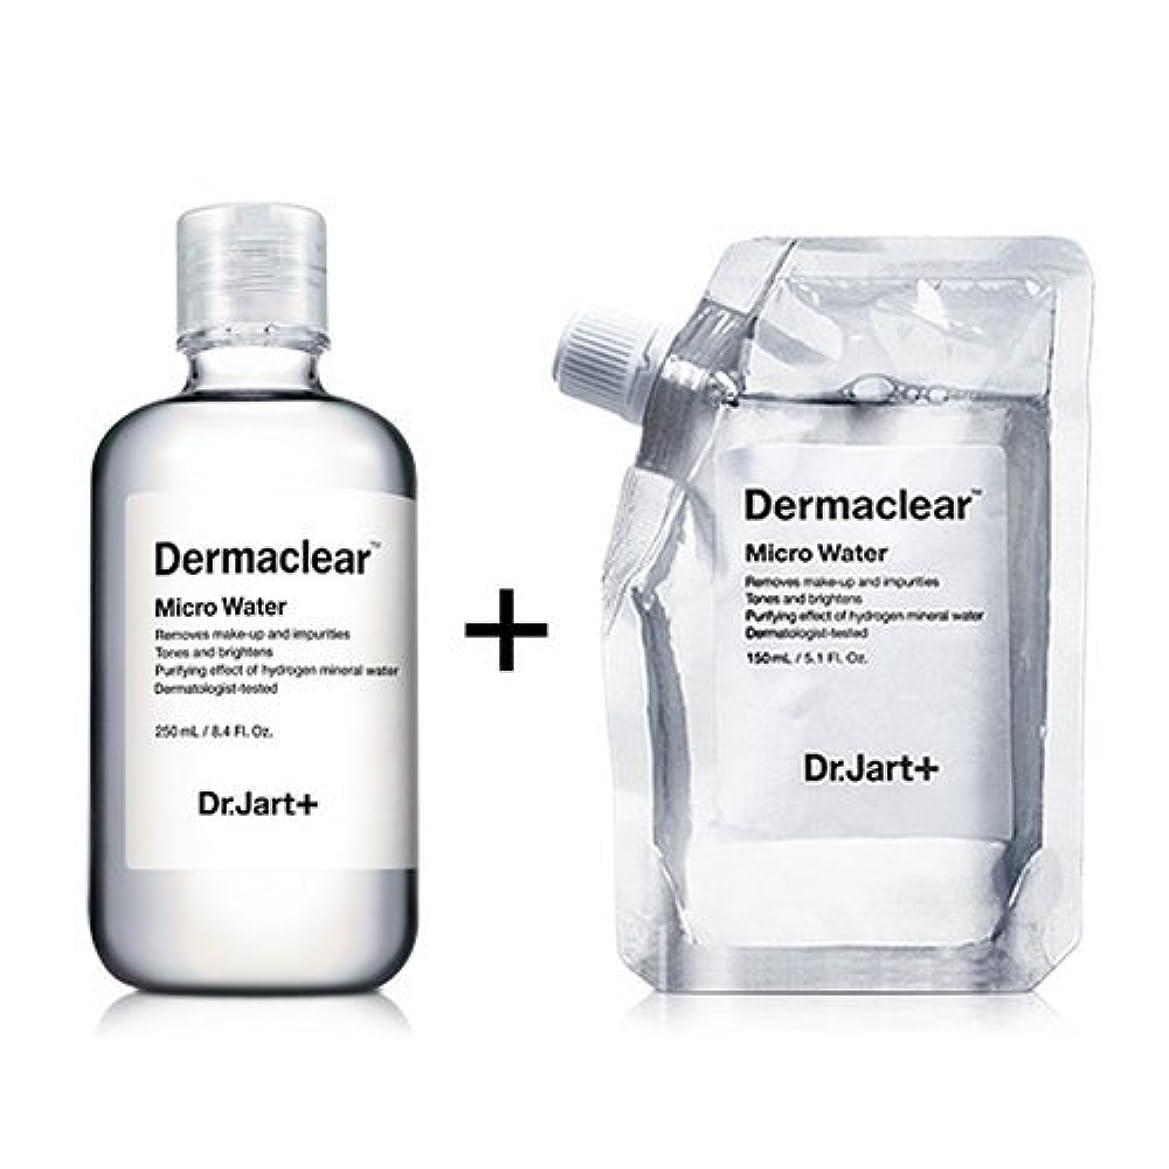 国旗勤勉なむしゃむしゃドクタージャルト[韓国コスメ Dr.Jart+]ダーマクリア マイクロ ウォーター250ml+150ml(リフィル) [Dr.Jart+]Dermaclear Micro Water (250ml+150ml)